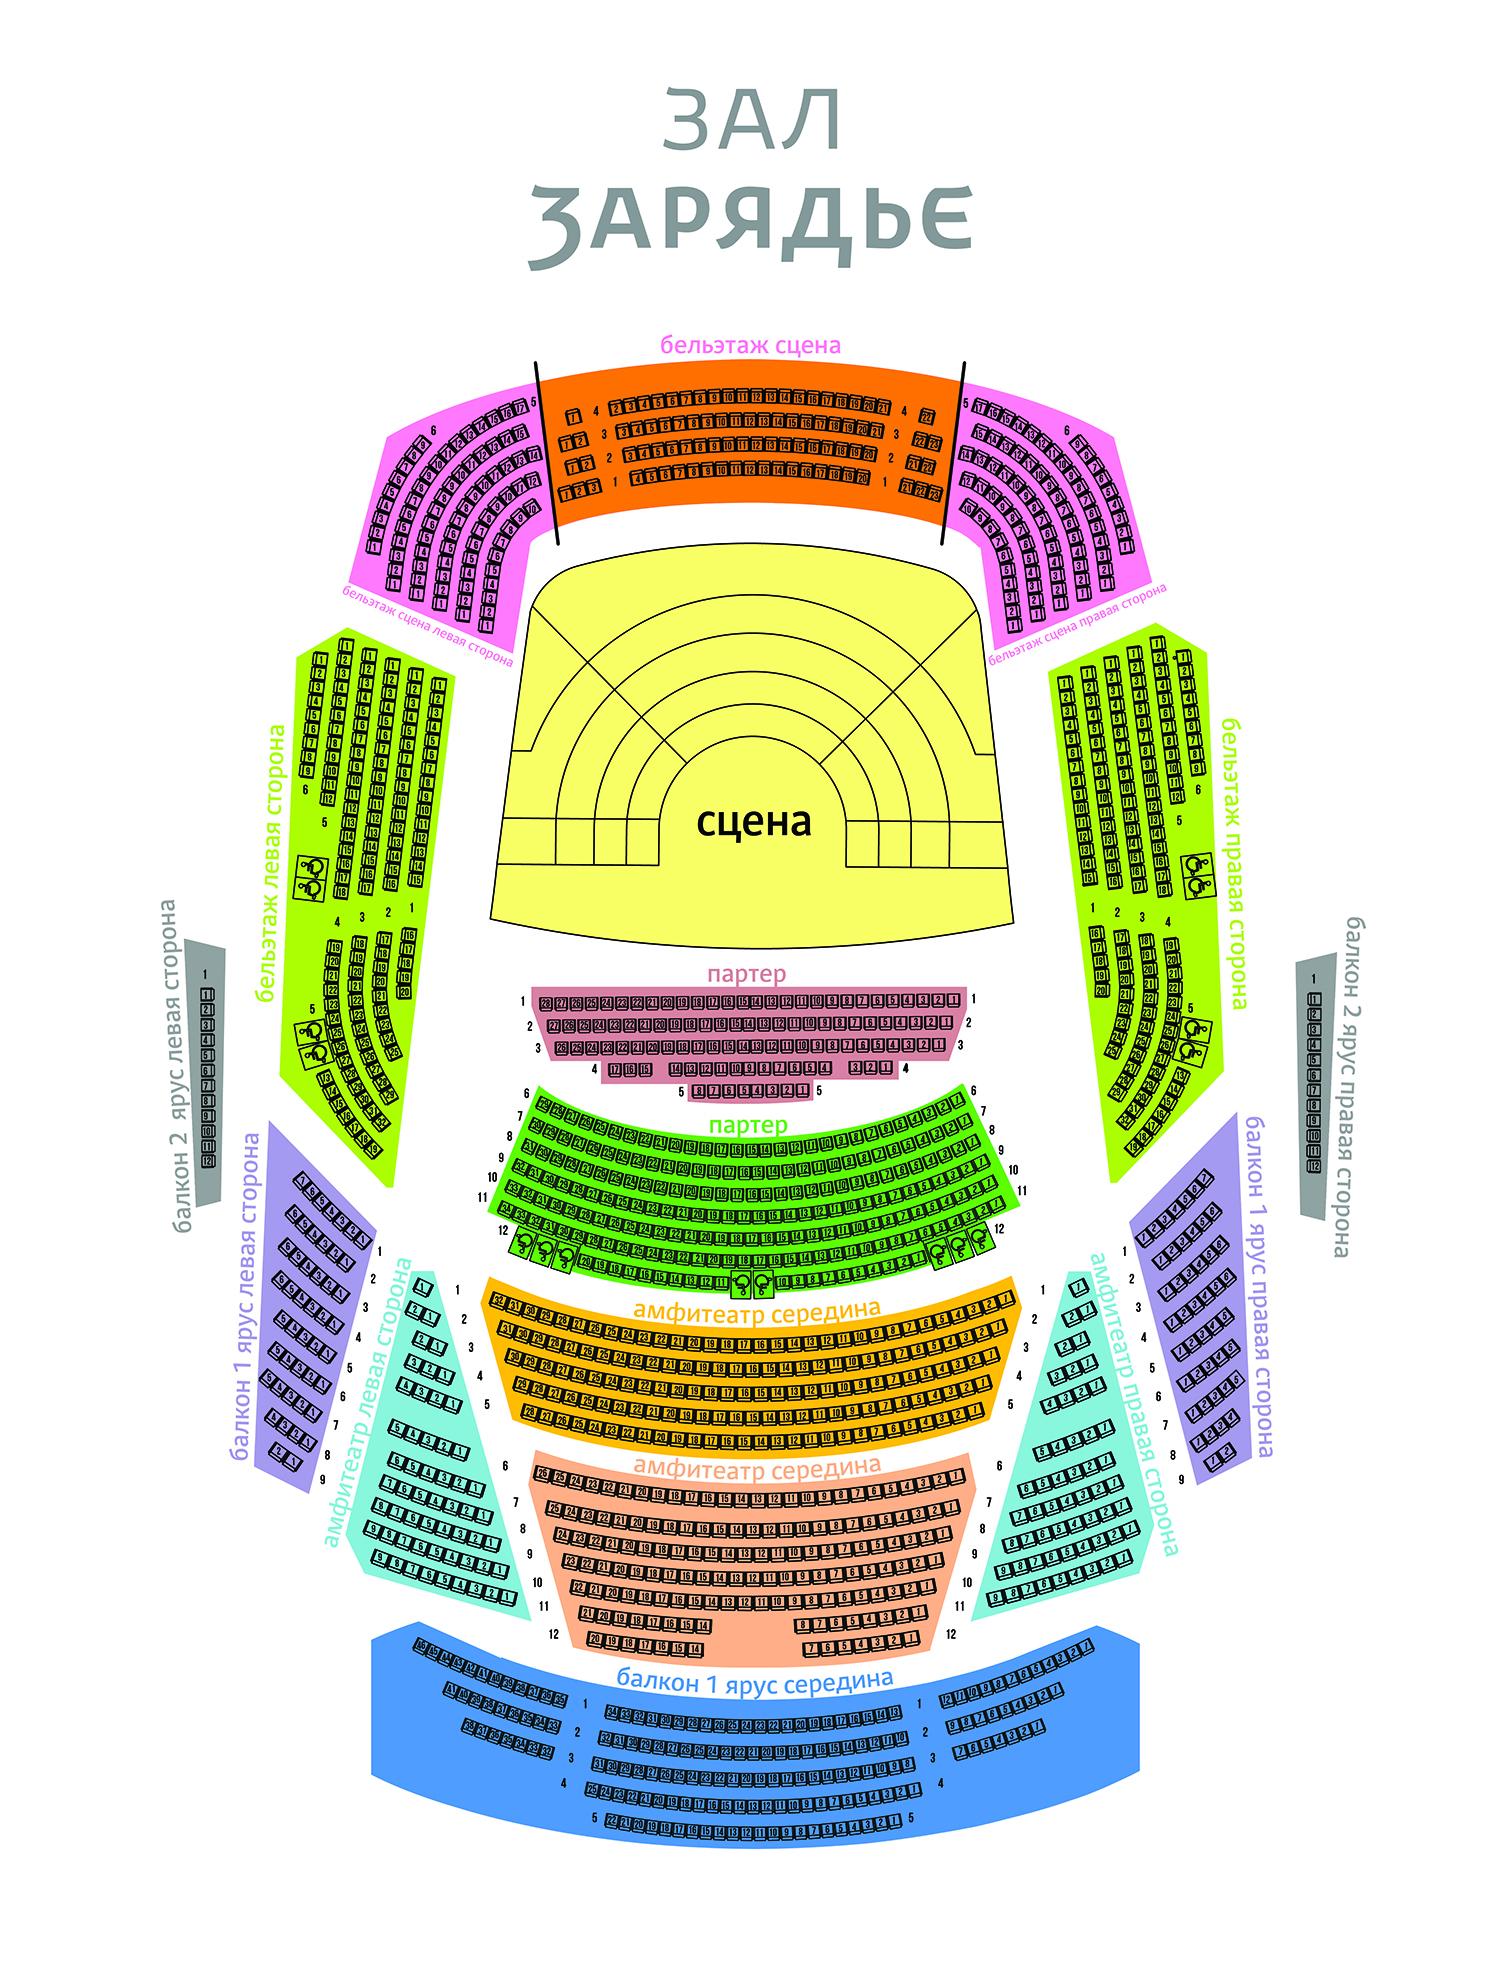 Схема зала Московский концертный зал «Зарядье»